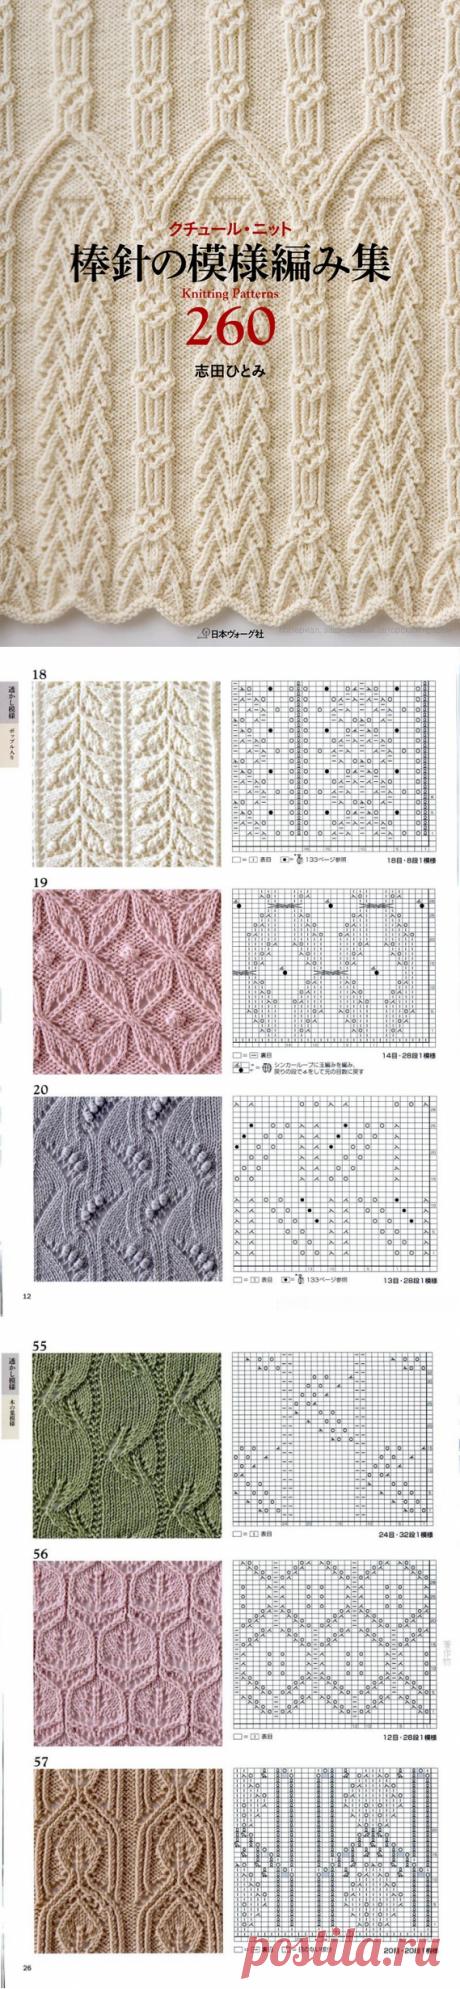 Книга «Knitting Pattern Book 260 by Hitomi Shida» (260 кружевных узоров для вязания на спицах от мастерицы Hitomi Shida; схемы). / Обсуждение на LiveInternet - Российский Сервис Онлайн-Дневников